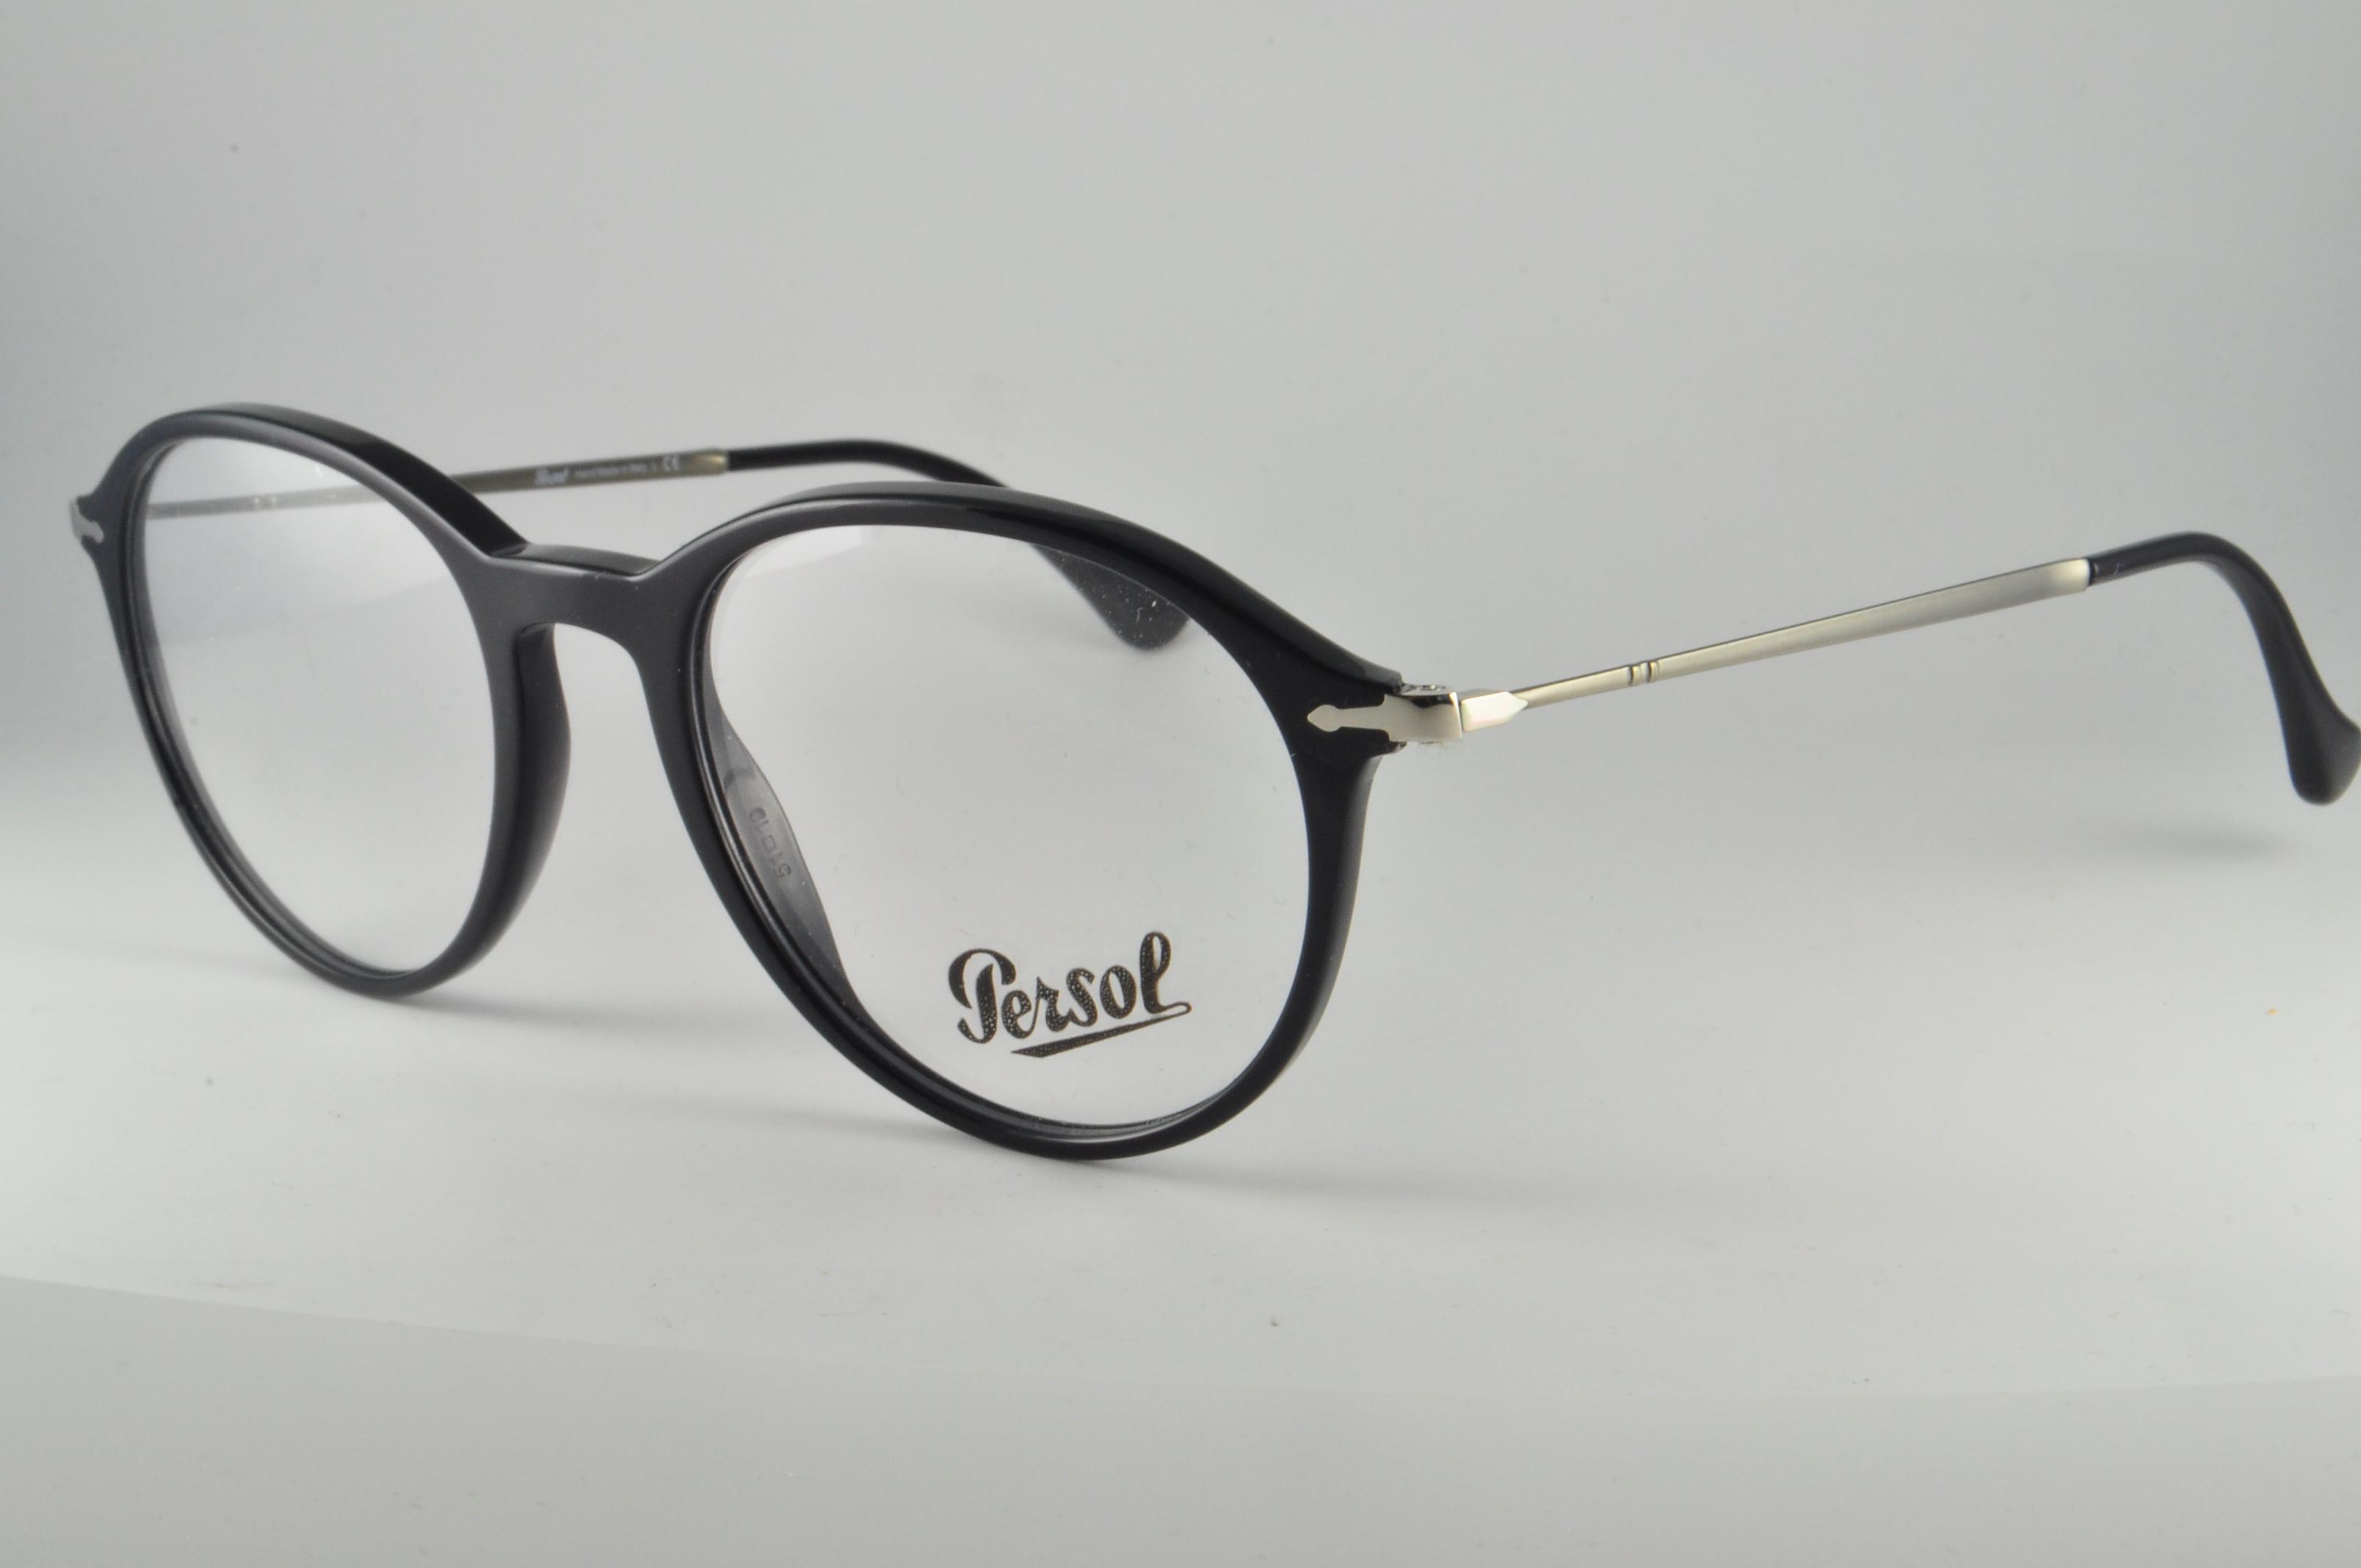 93d0ff10095 Image is loading Persol-Eyeglasses-PO-3125V-95-Black-Size-51-